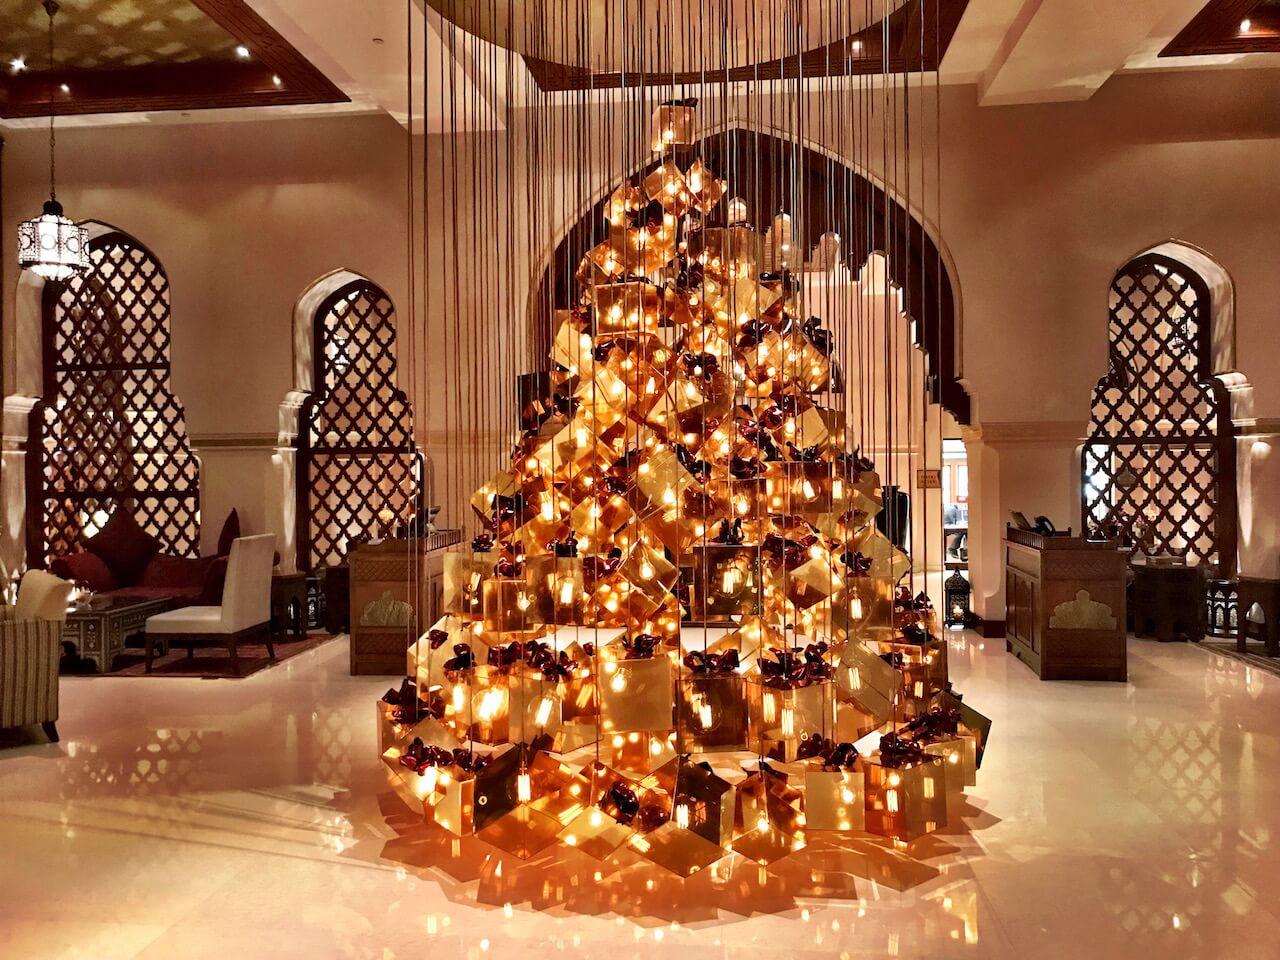 Zauberhafte Weihnachten im Hotel Annaway The Palace Dubai